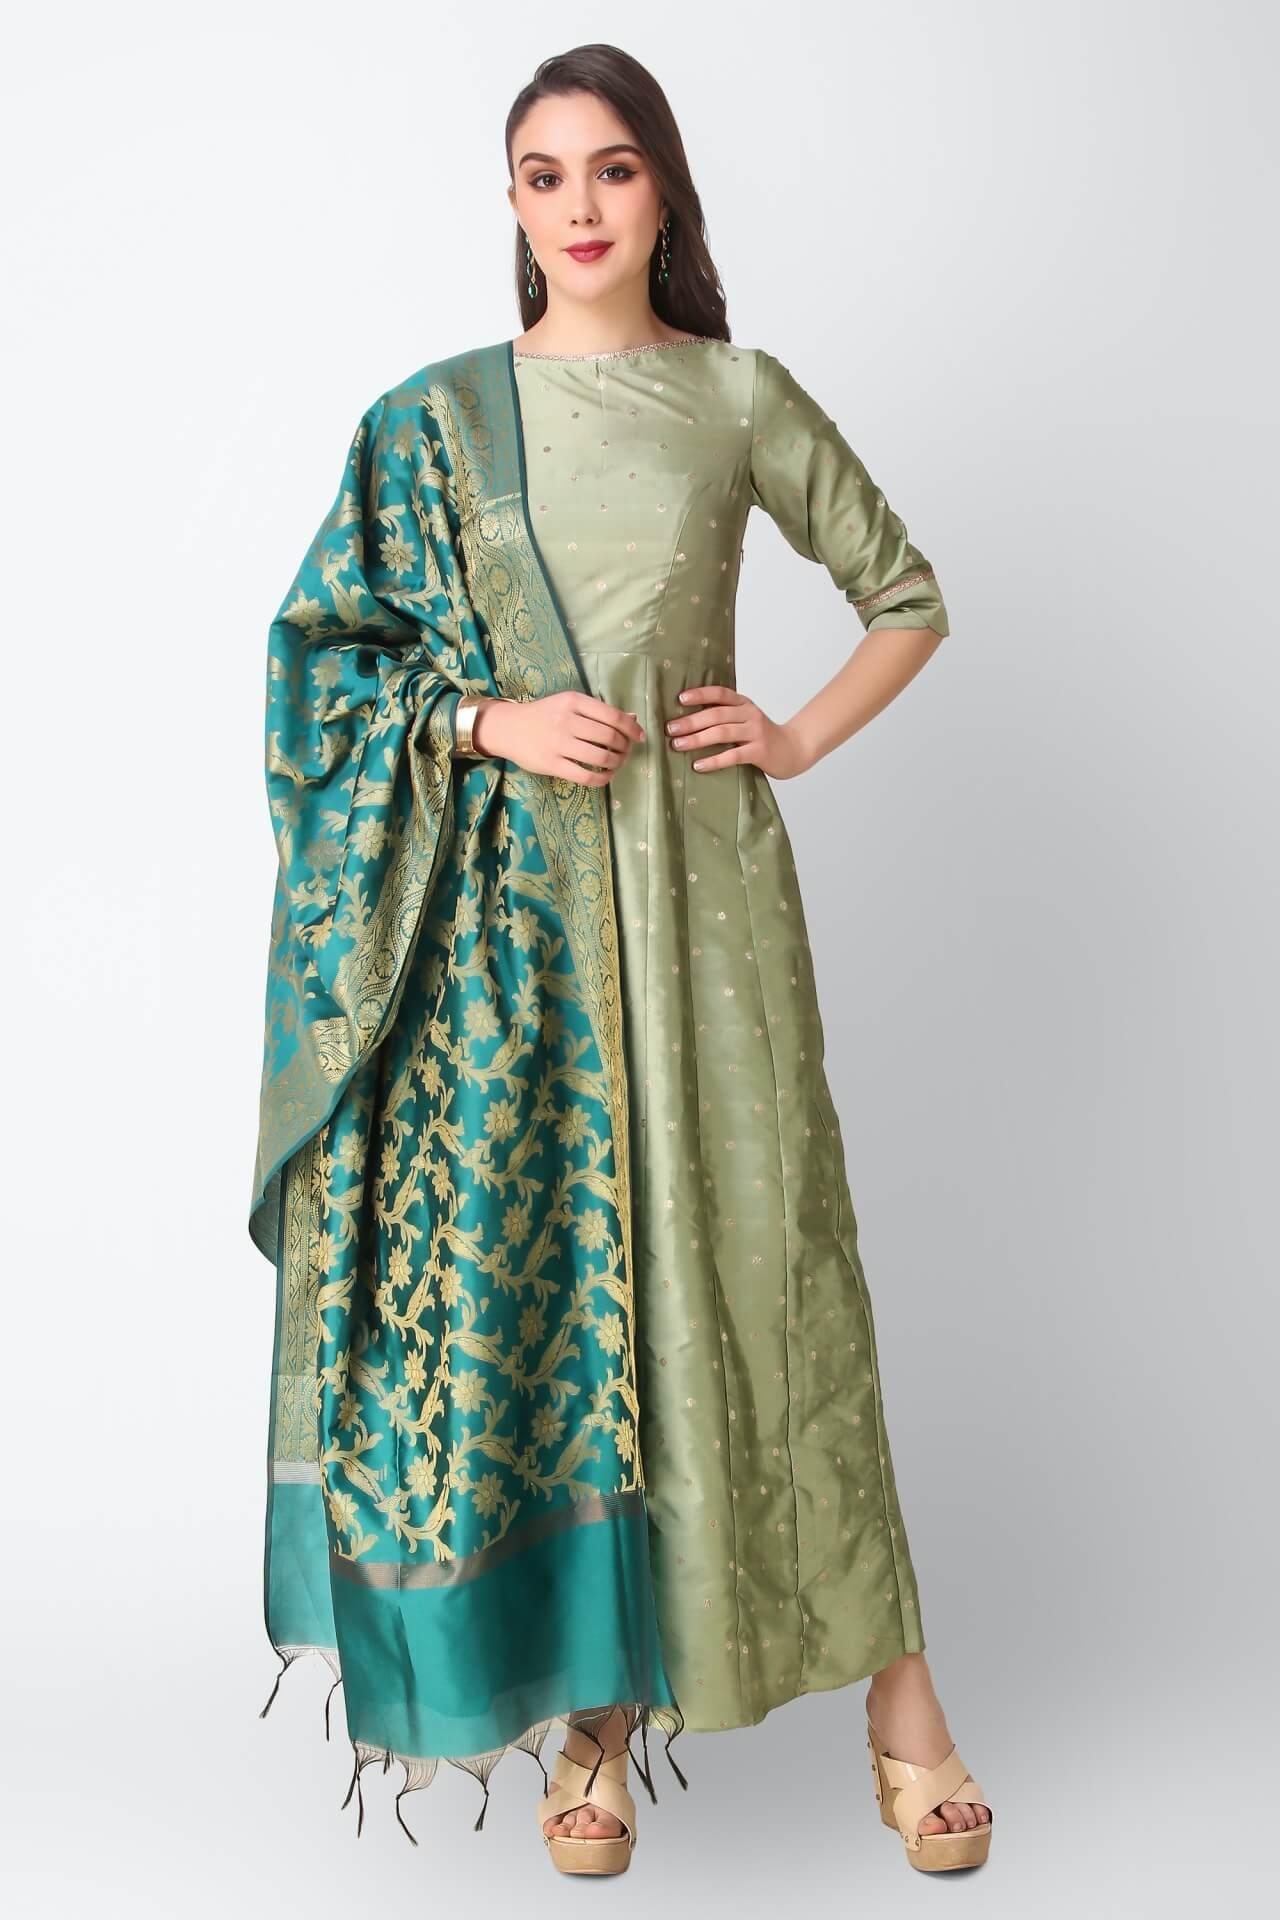 Mint Anarkali With Teal Dupatta